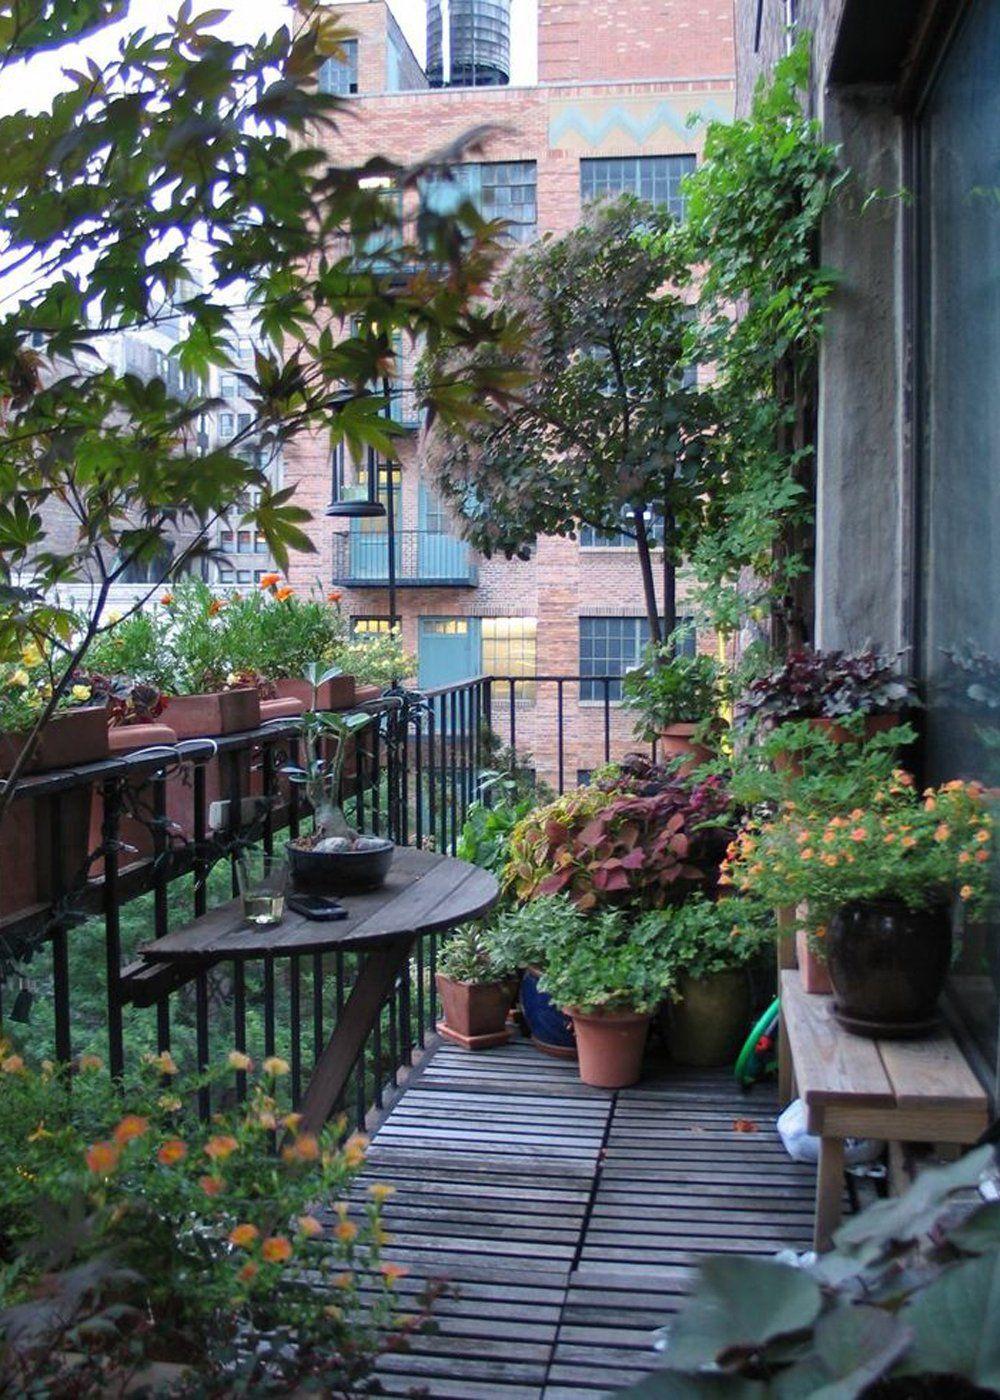 17 Ways to Redeem Your Balcony Space  Small balcony garden